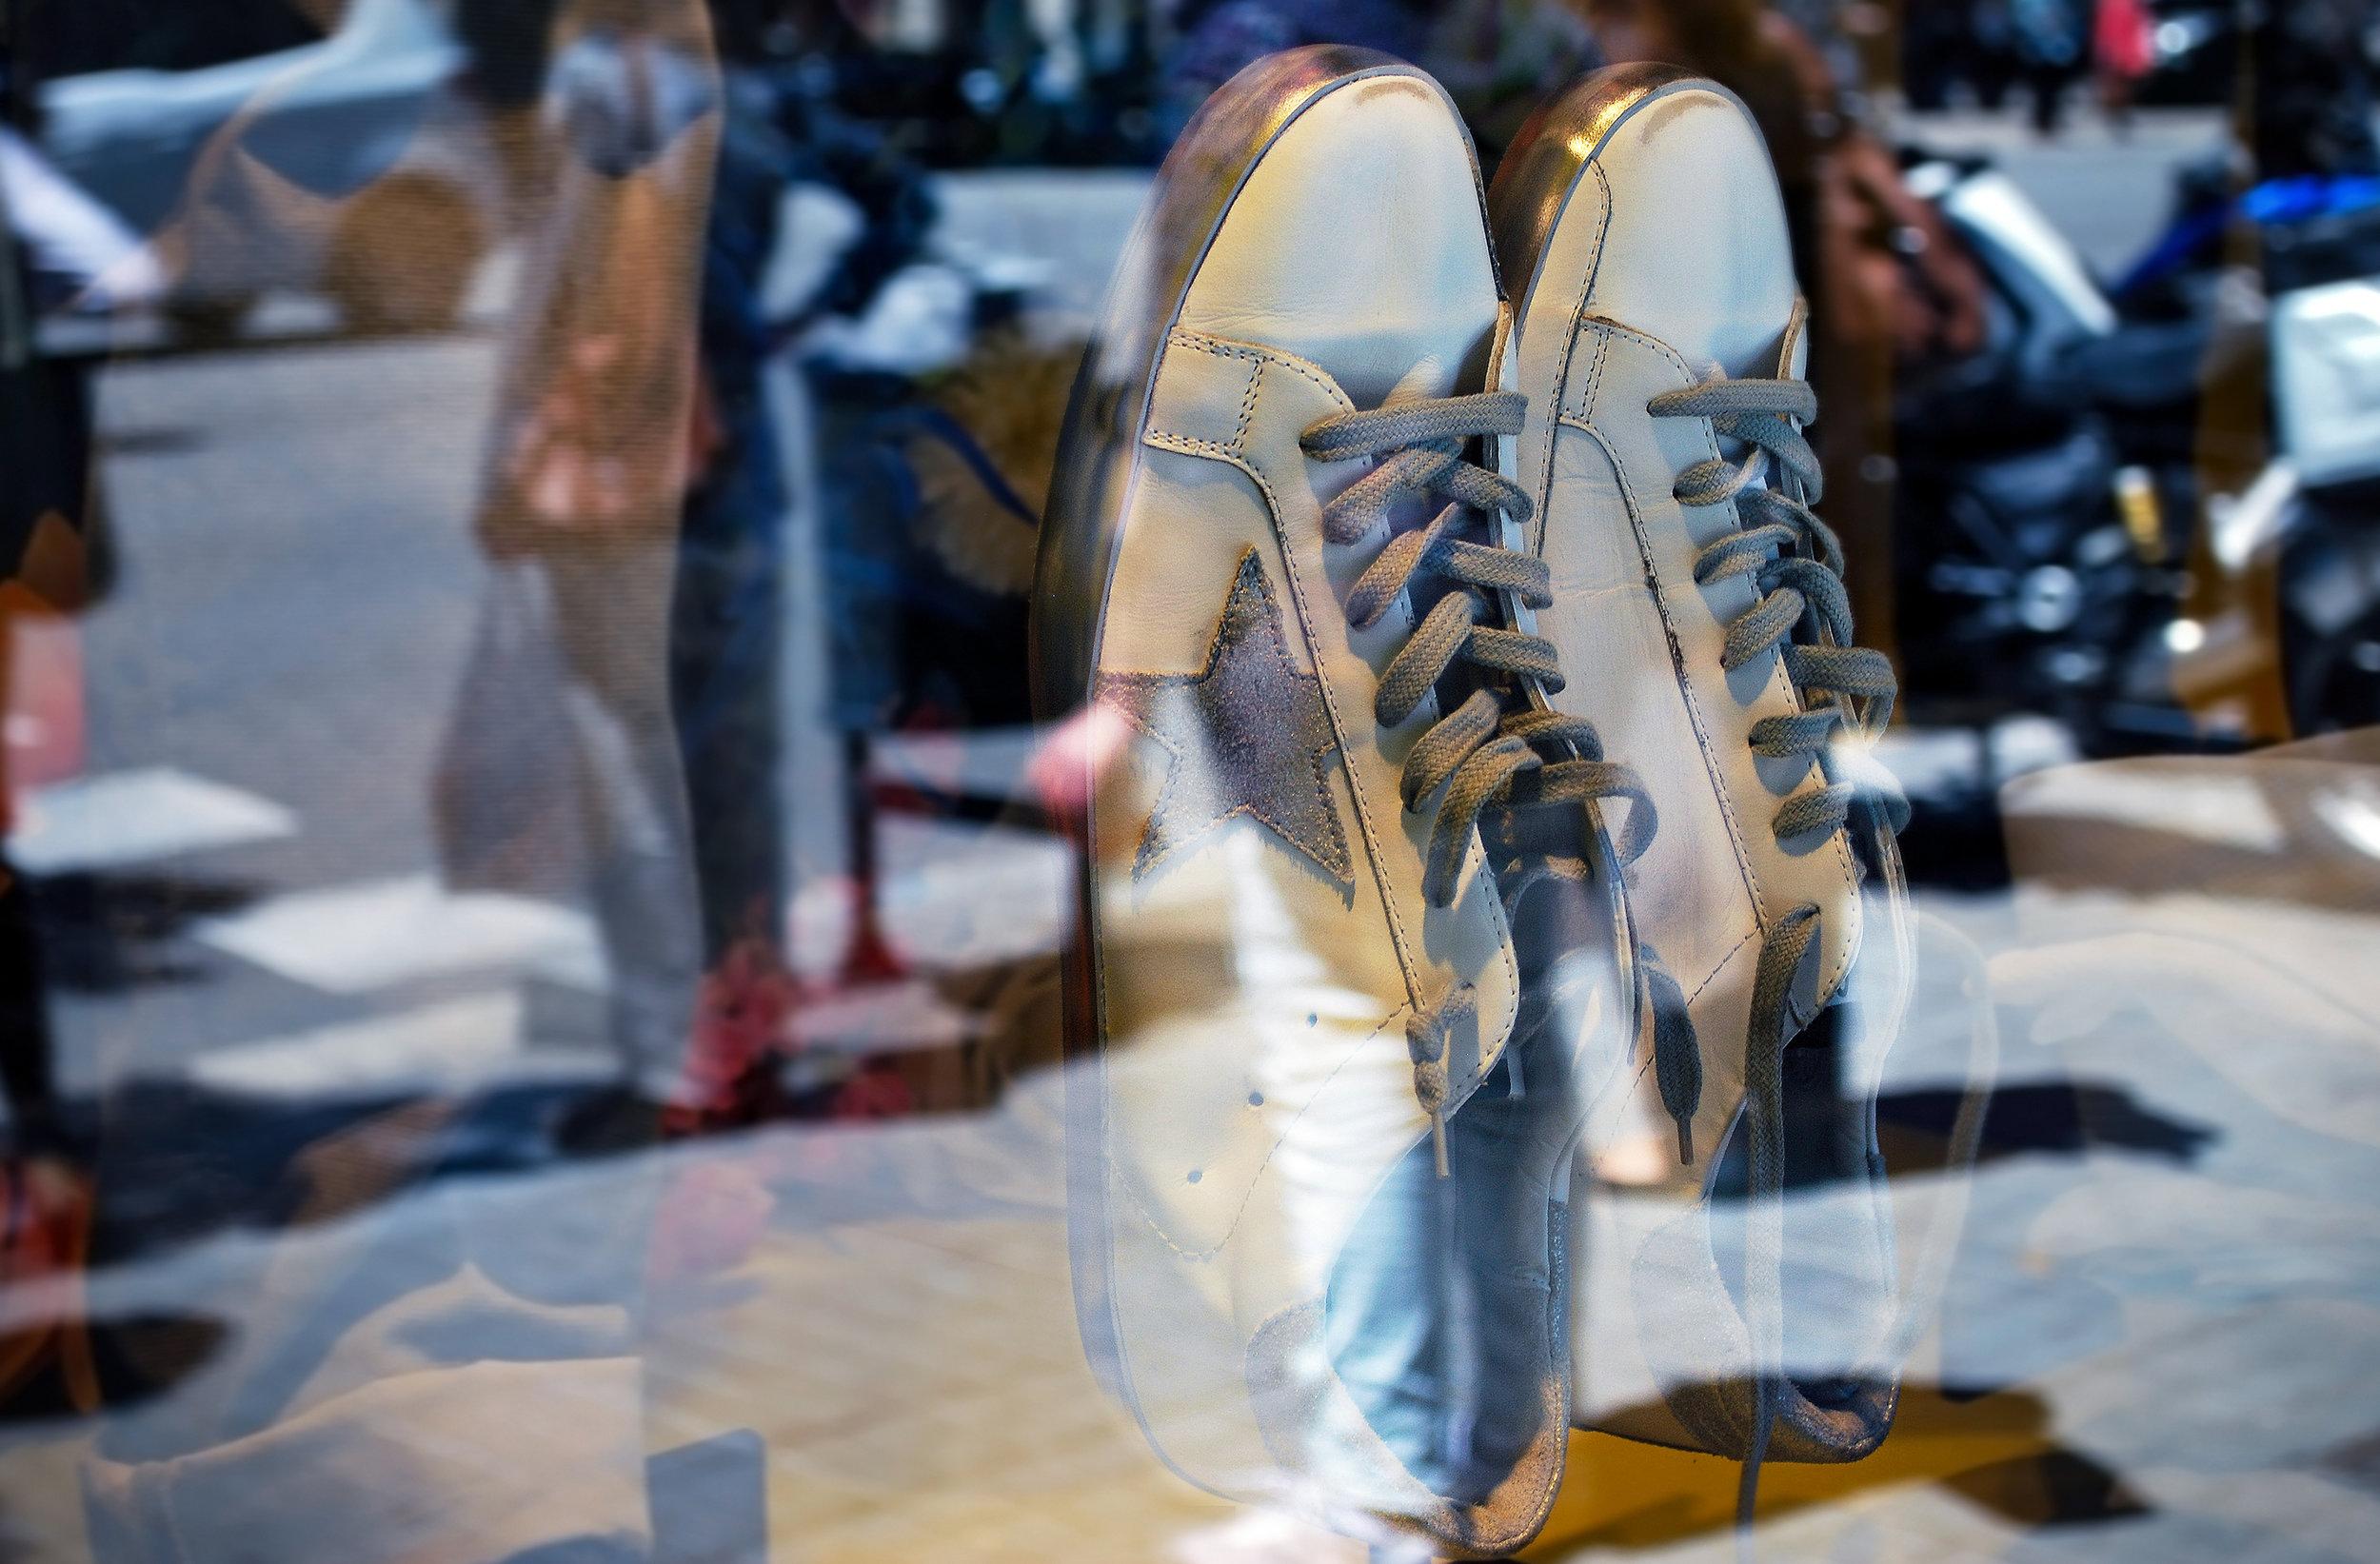 Nino Alvarez store (featuring Golden Goose Deluxe Brand sneakers)